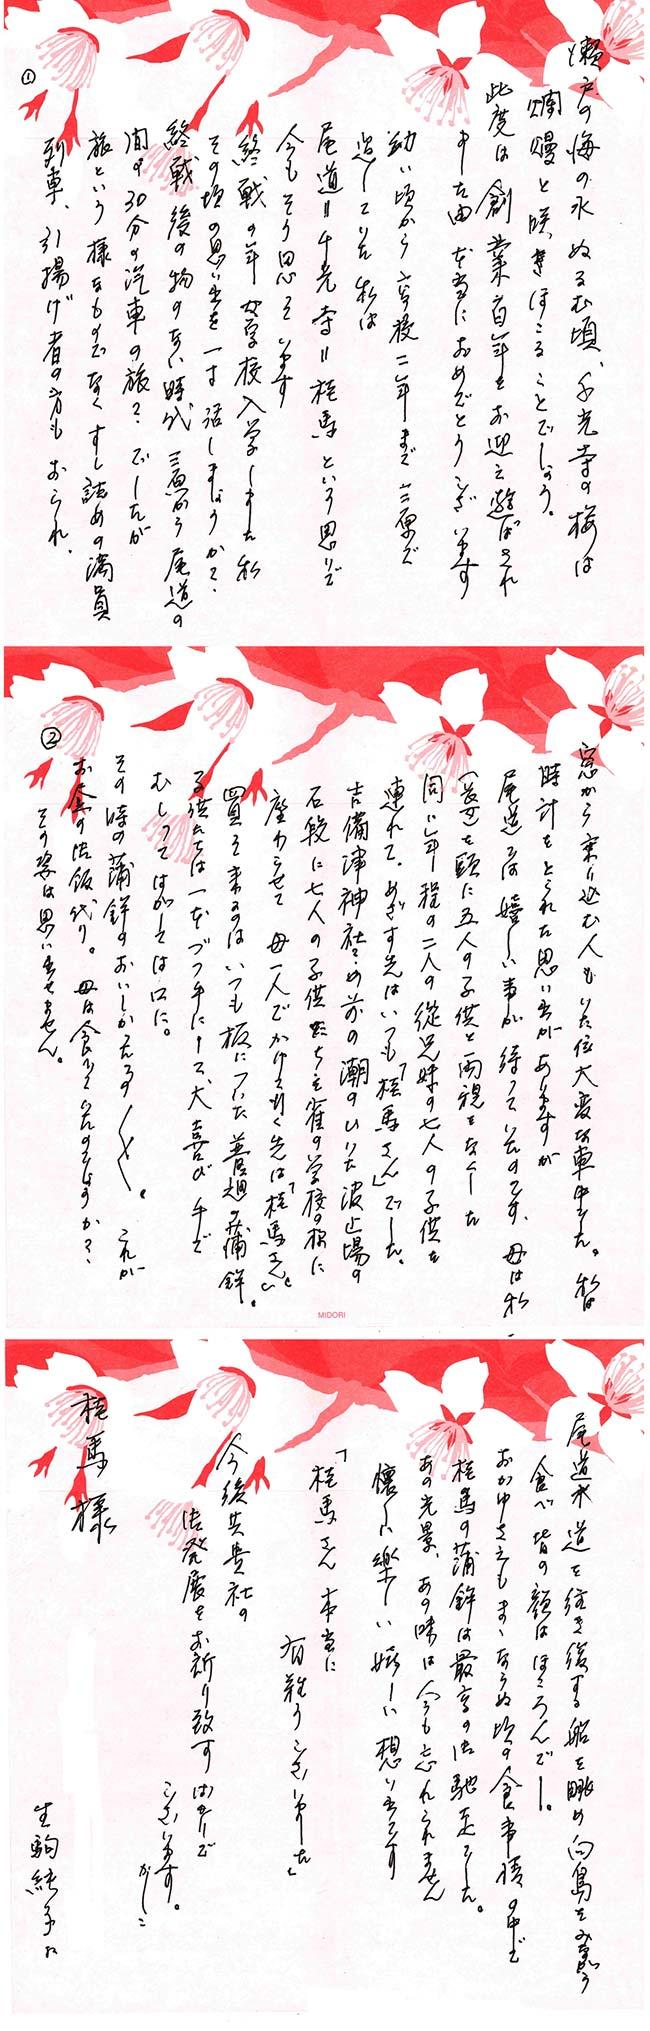 生駒淳子様 直筆作品